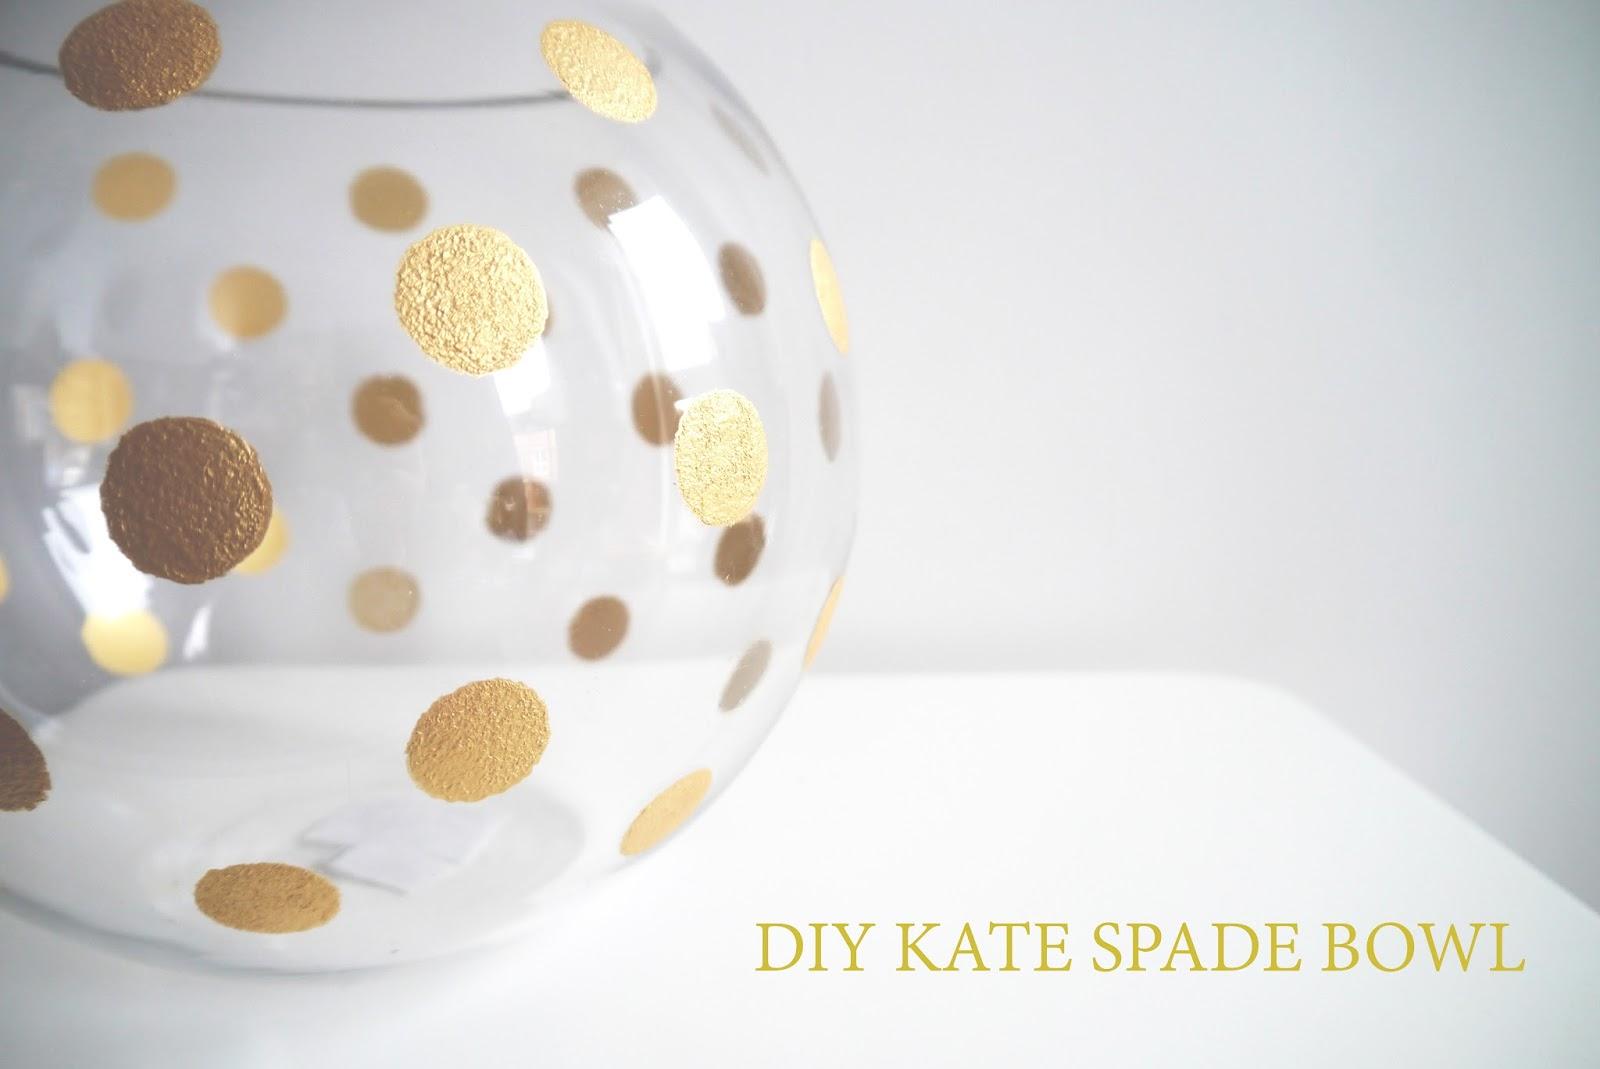 kate spade pearl place rose bowl DIY